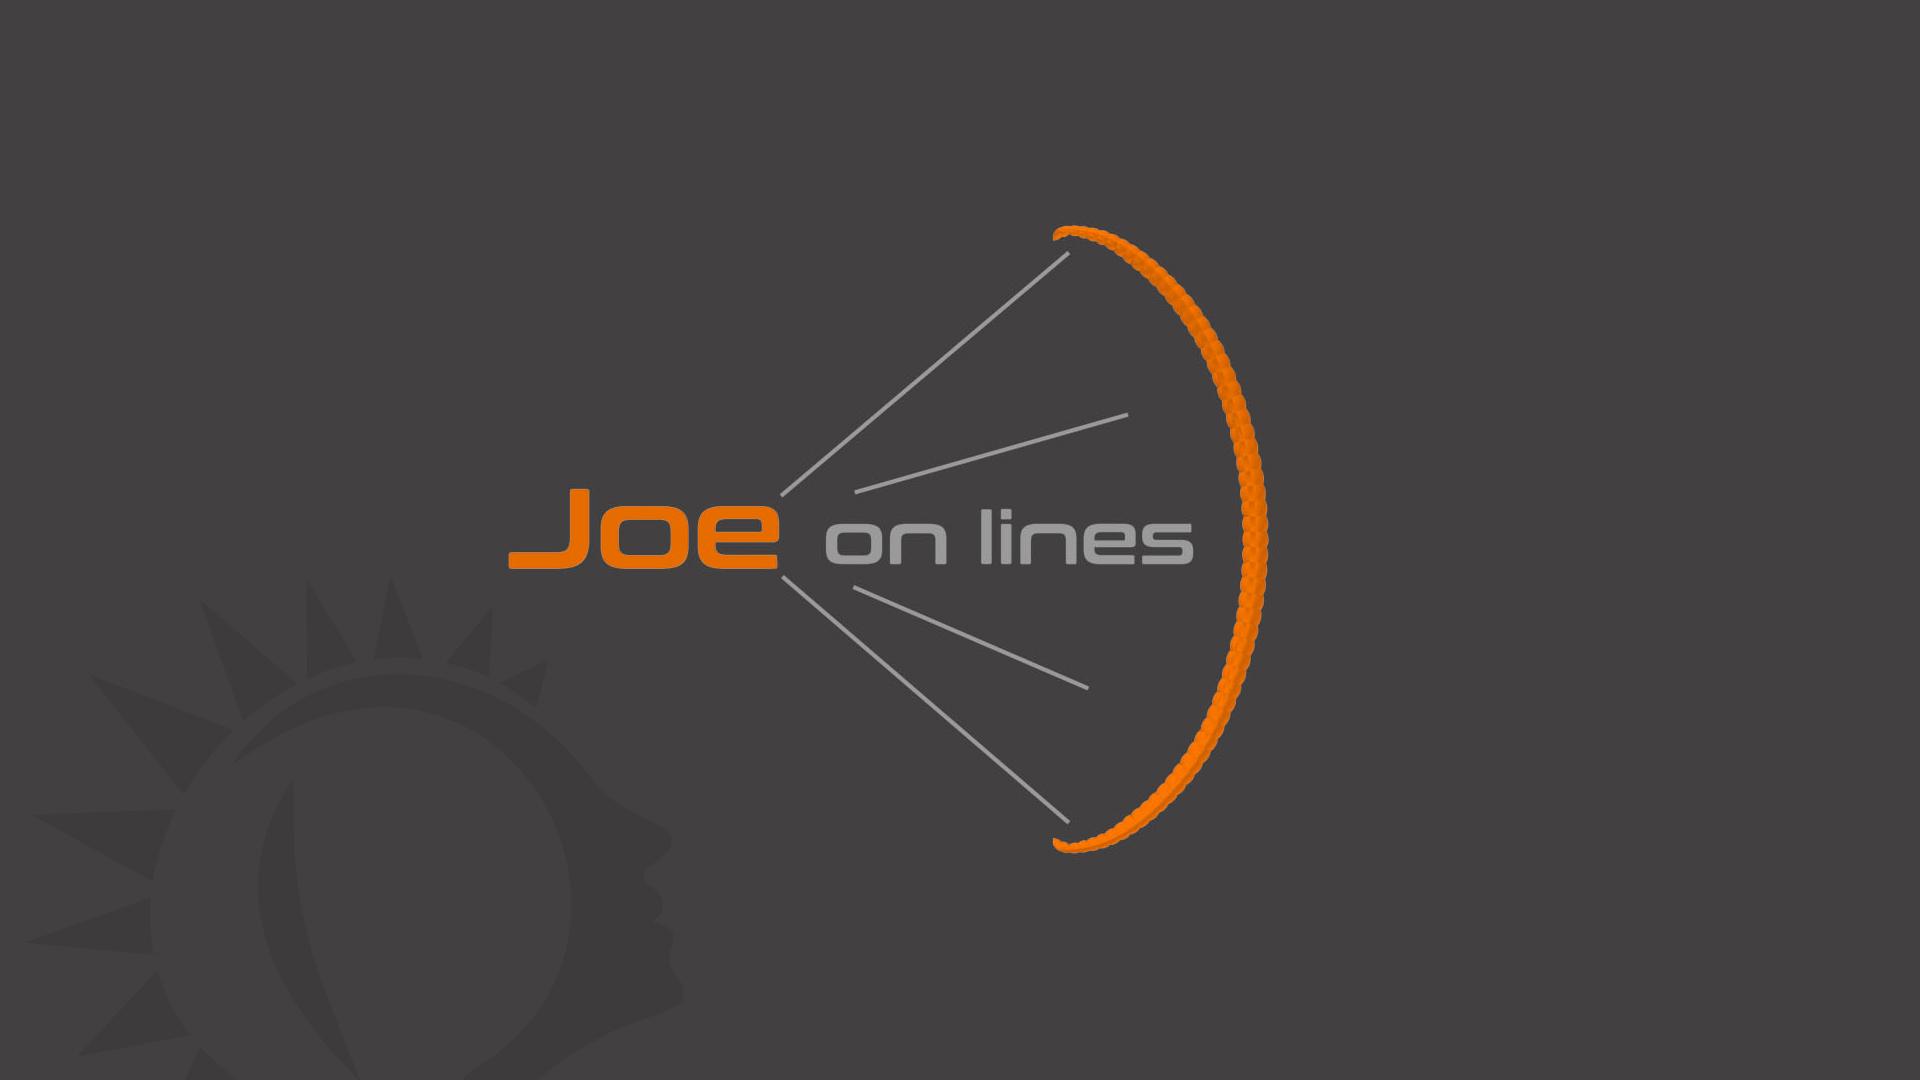 JOE on lines Cefics Punkair